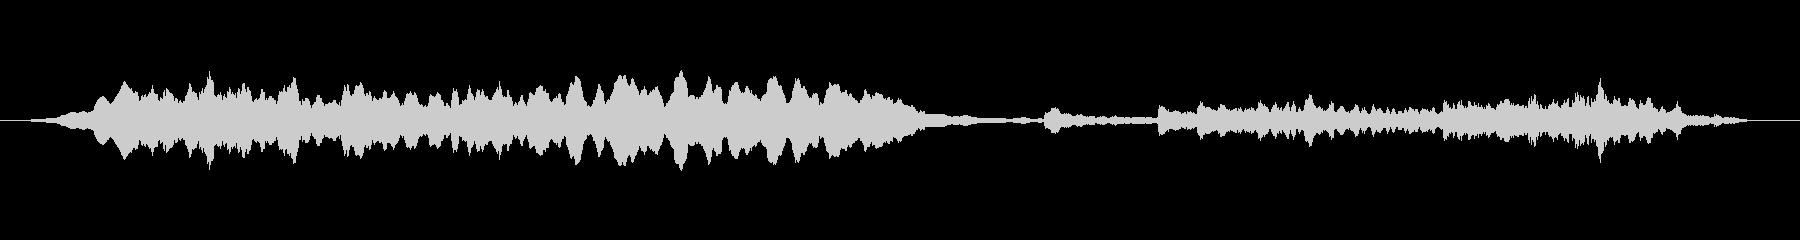 短めの静かなヒーリングミュージックの未再生の波形